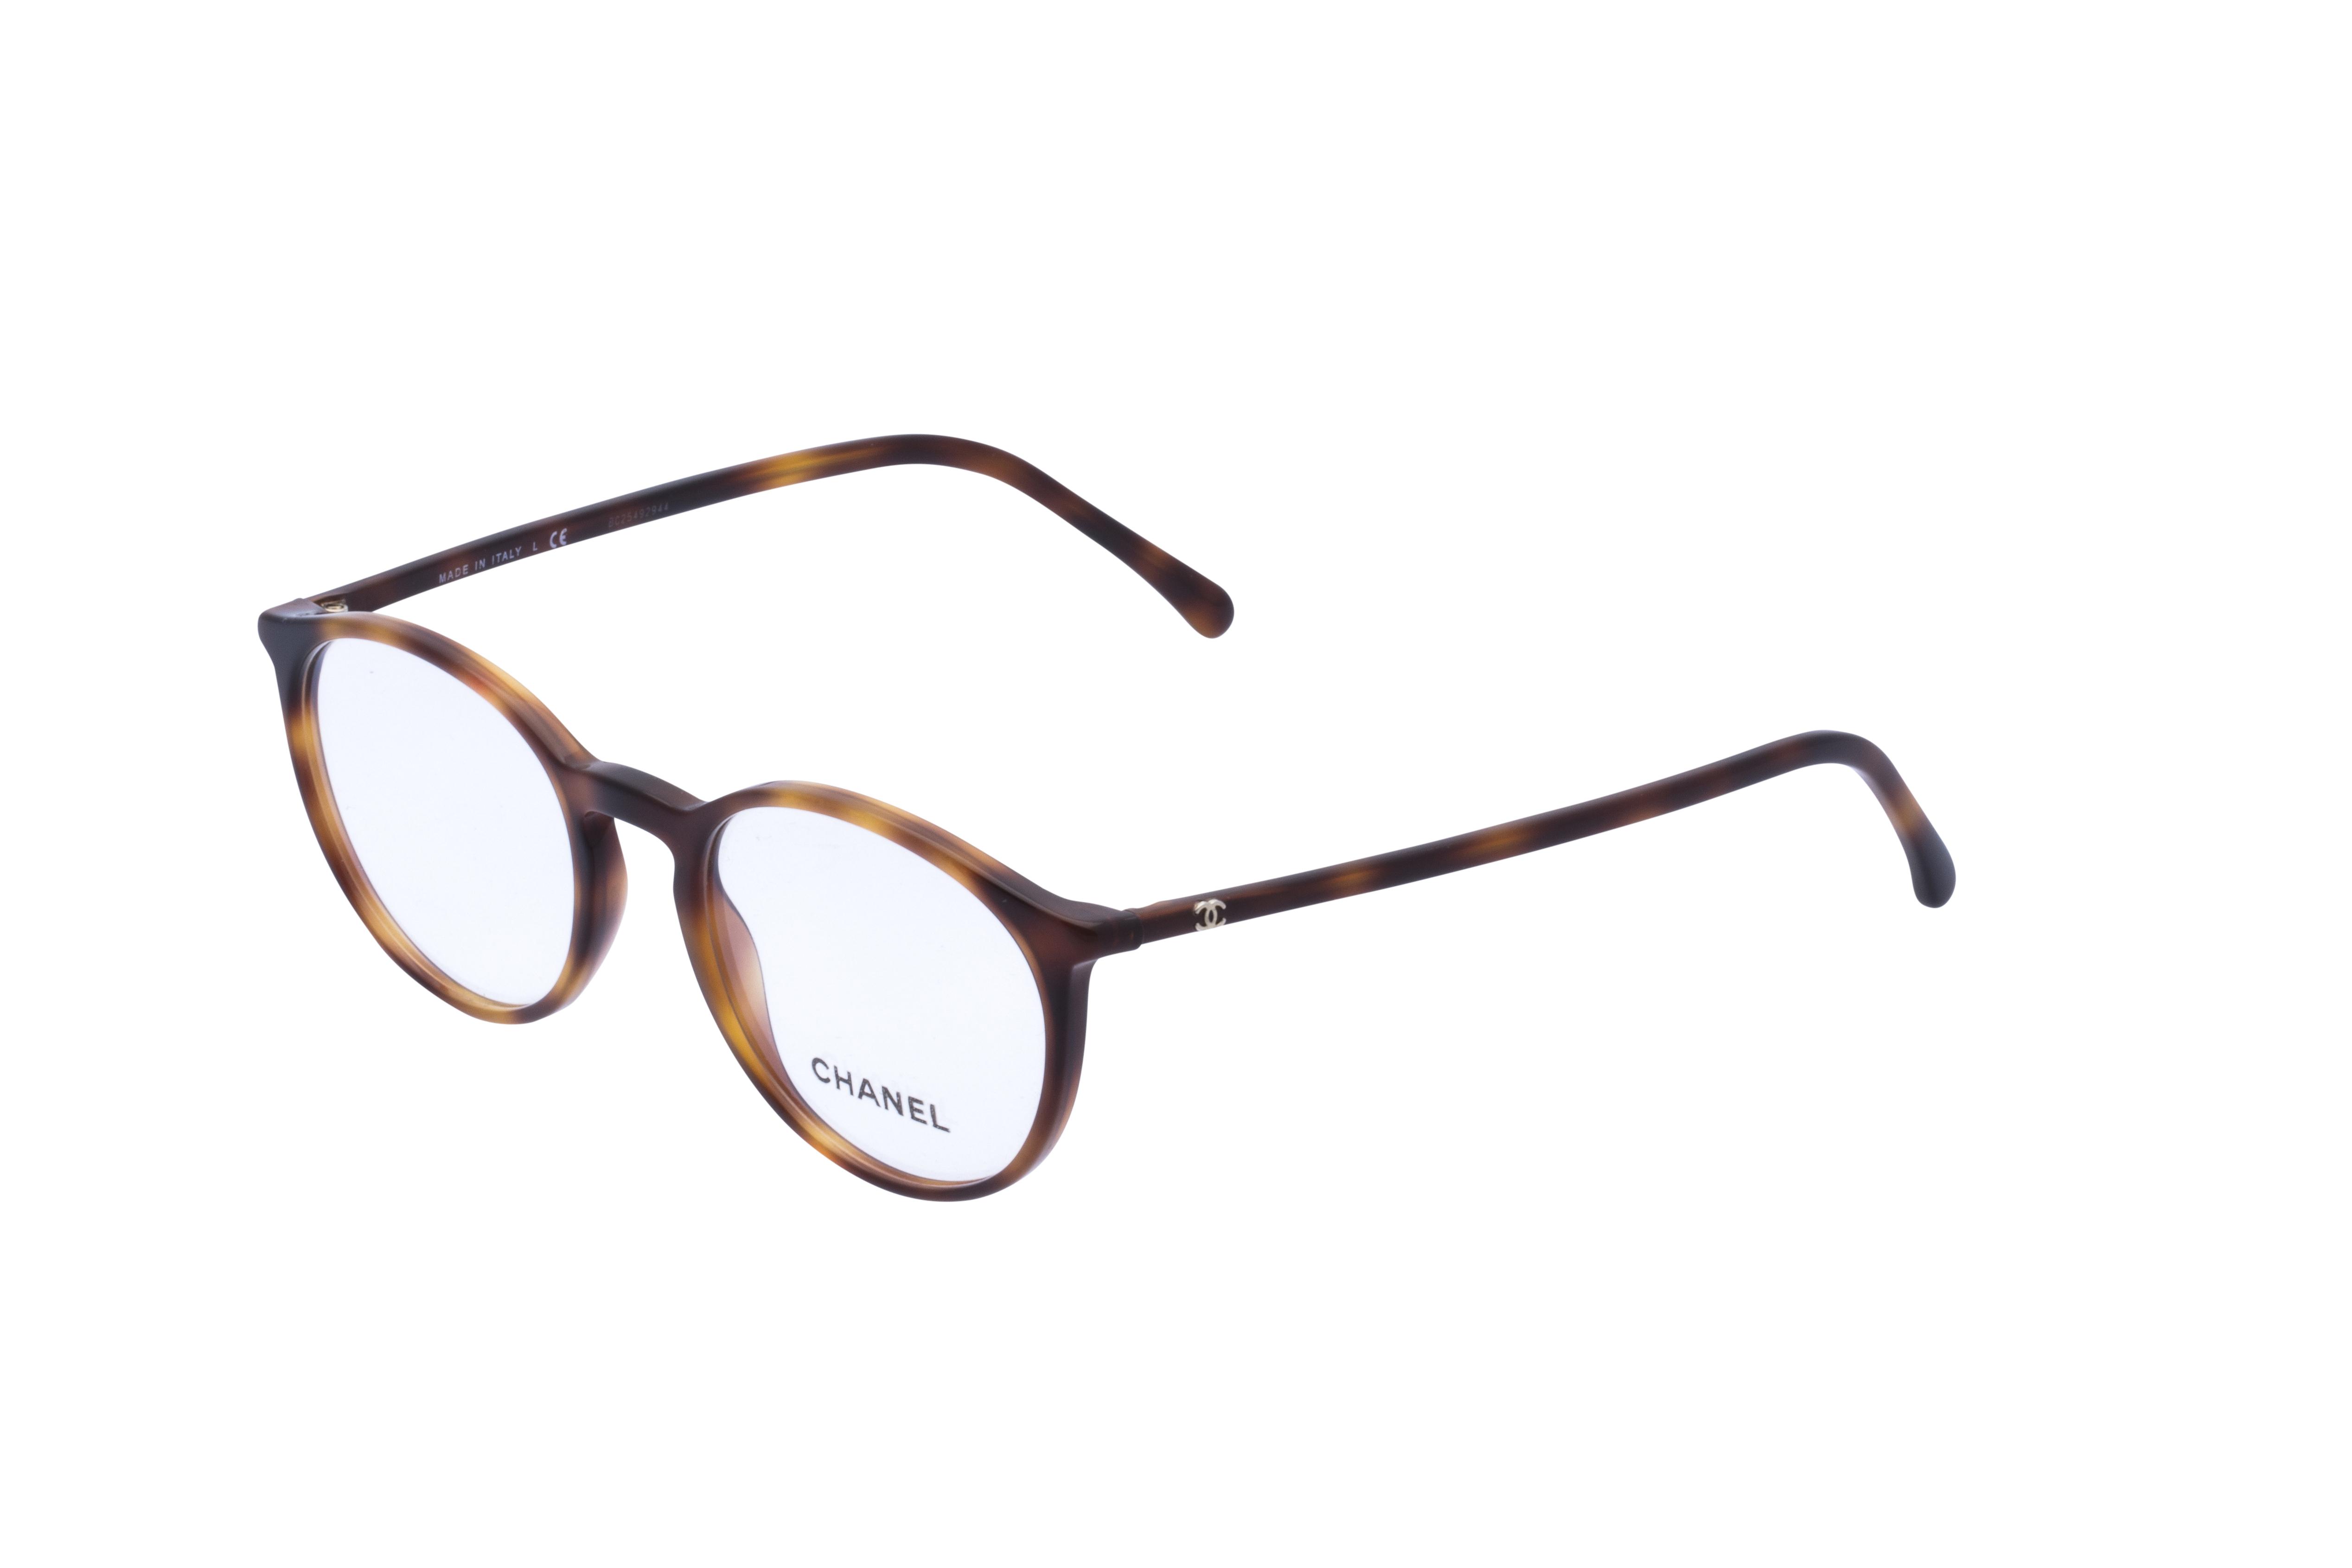 360 Grad Ansicht 21 Chanel 3372 Frontansicht, Brille auf Weiß - Fassung bei KUNK